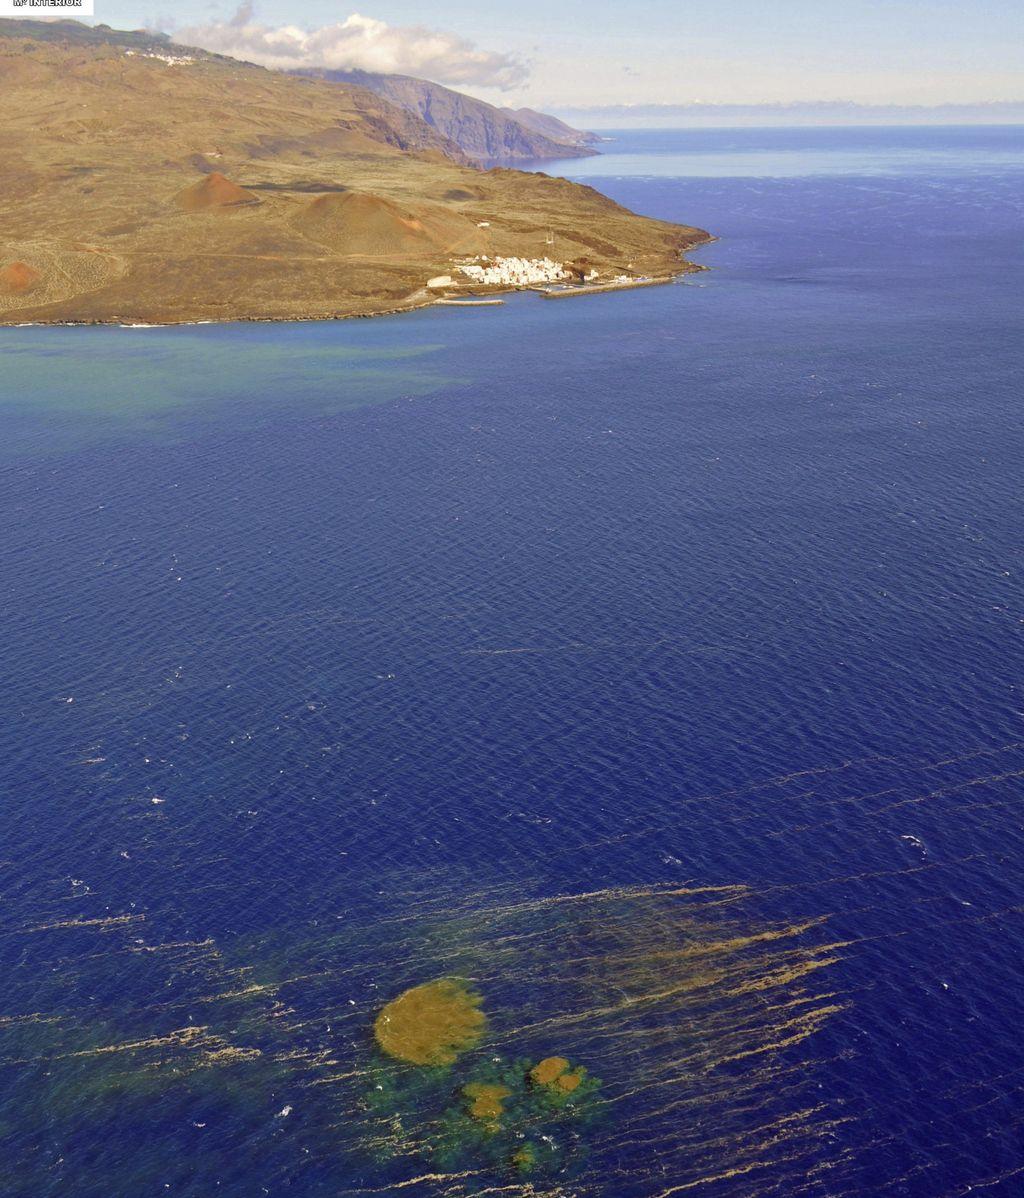 Fotografías facilitadas por la Guadia Civil del aspecto que mostraban las manchas en el mar producto de los materiales expulsados tras la erupción submarina de la isla de El Hierro (Canarias)